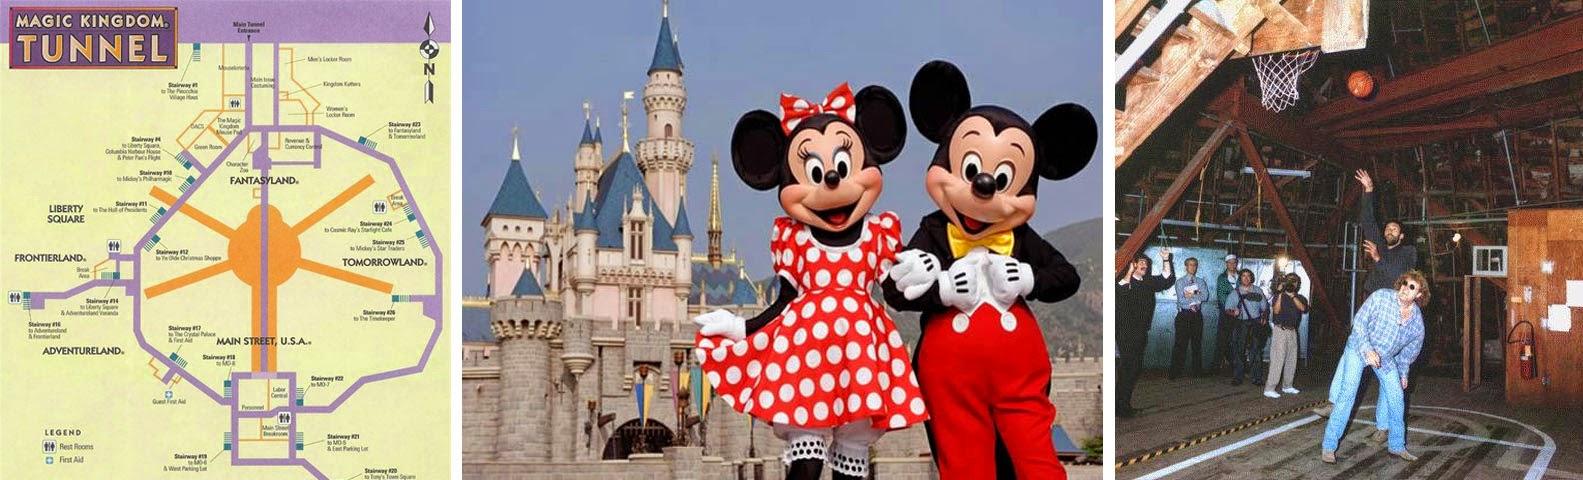 disnelyland, magic kingdom, mickey mouse, viaje a disneyland, qué ver en disneyland, disney, muñecos disney, parque de atracciones disney, secretos disney, mensjajes subliminales disne